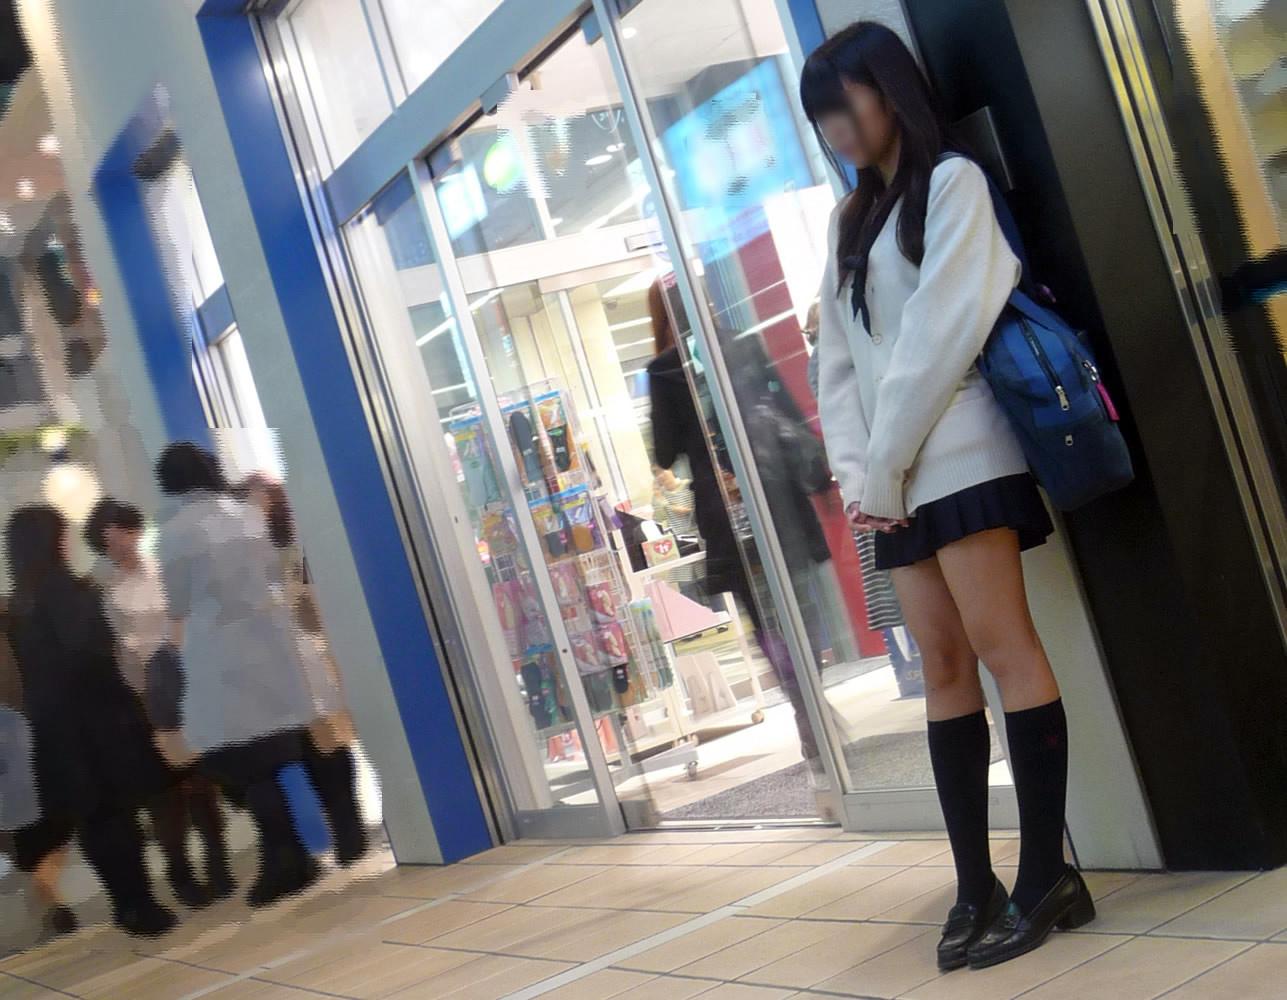 チンコ挟みたくなるエロい足の街撮り画像貼ってこうぜwwwwwwww 9I2Uksk